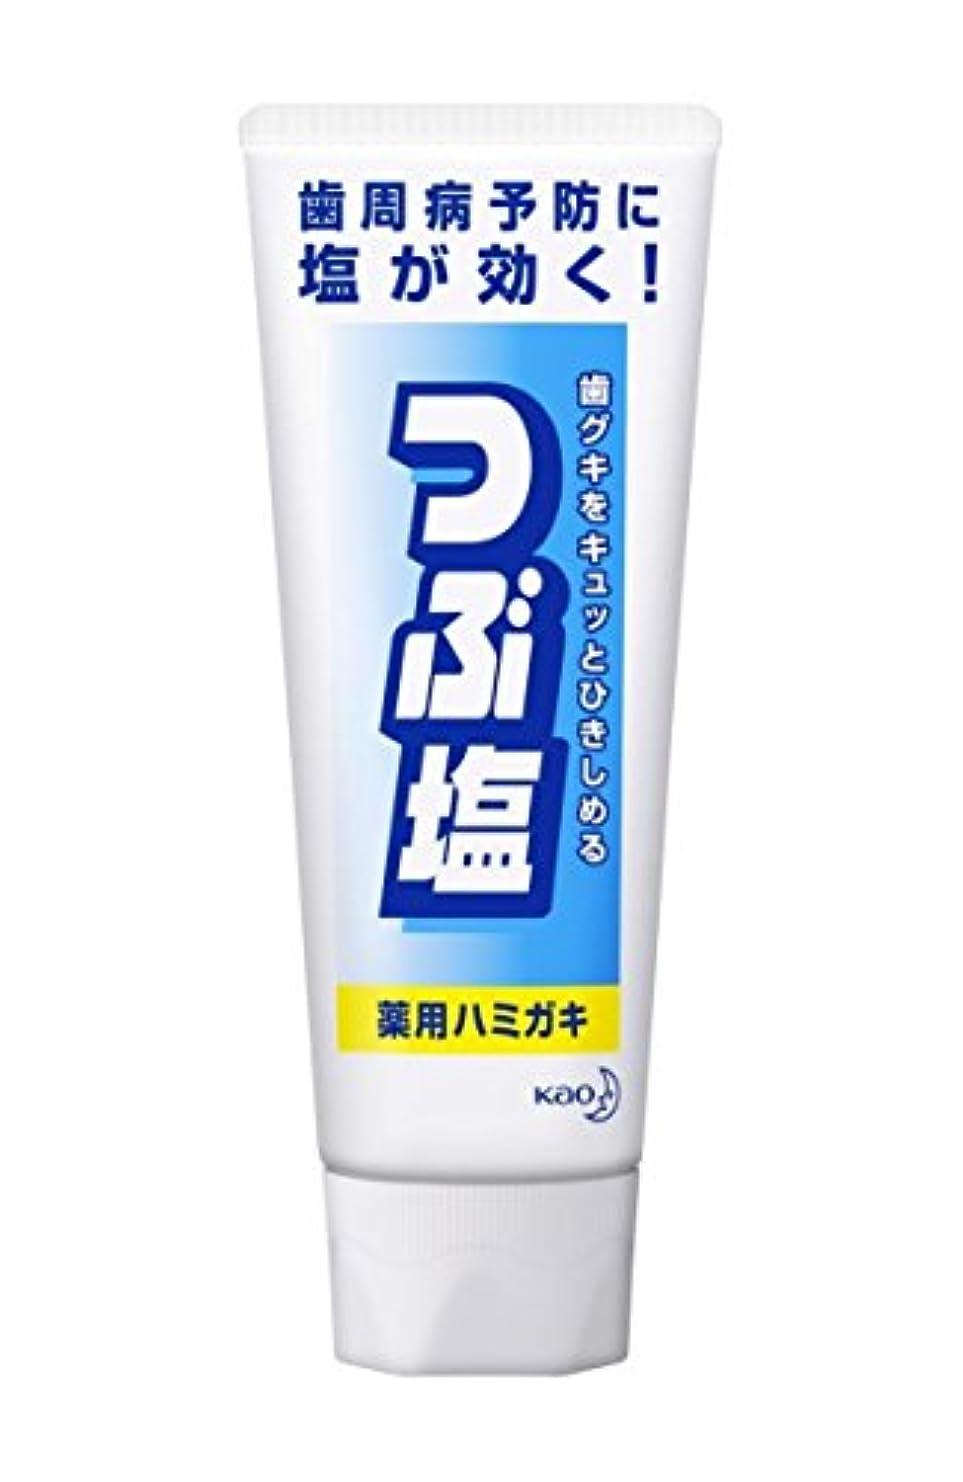 パンダユニークな基礎【まとめ買い】つぶ塩薬用ハミガキ スタンディングチューブ180g ×2セット